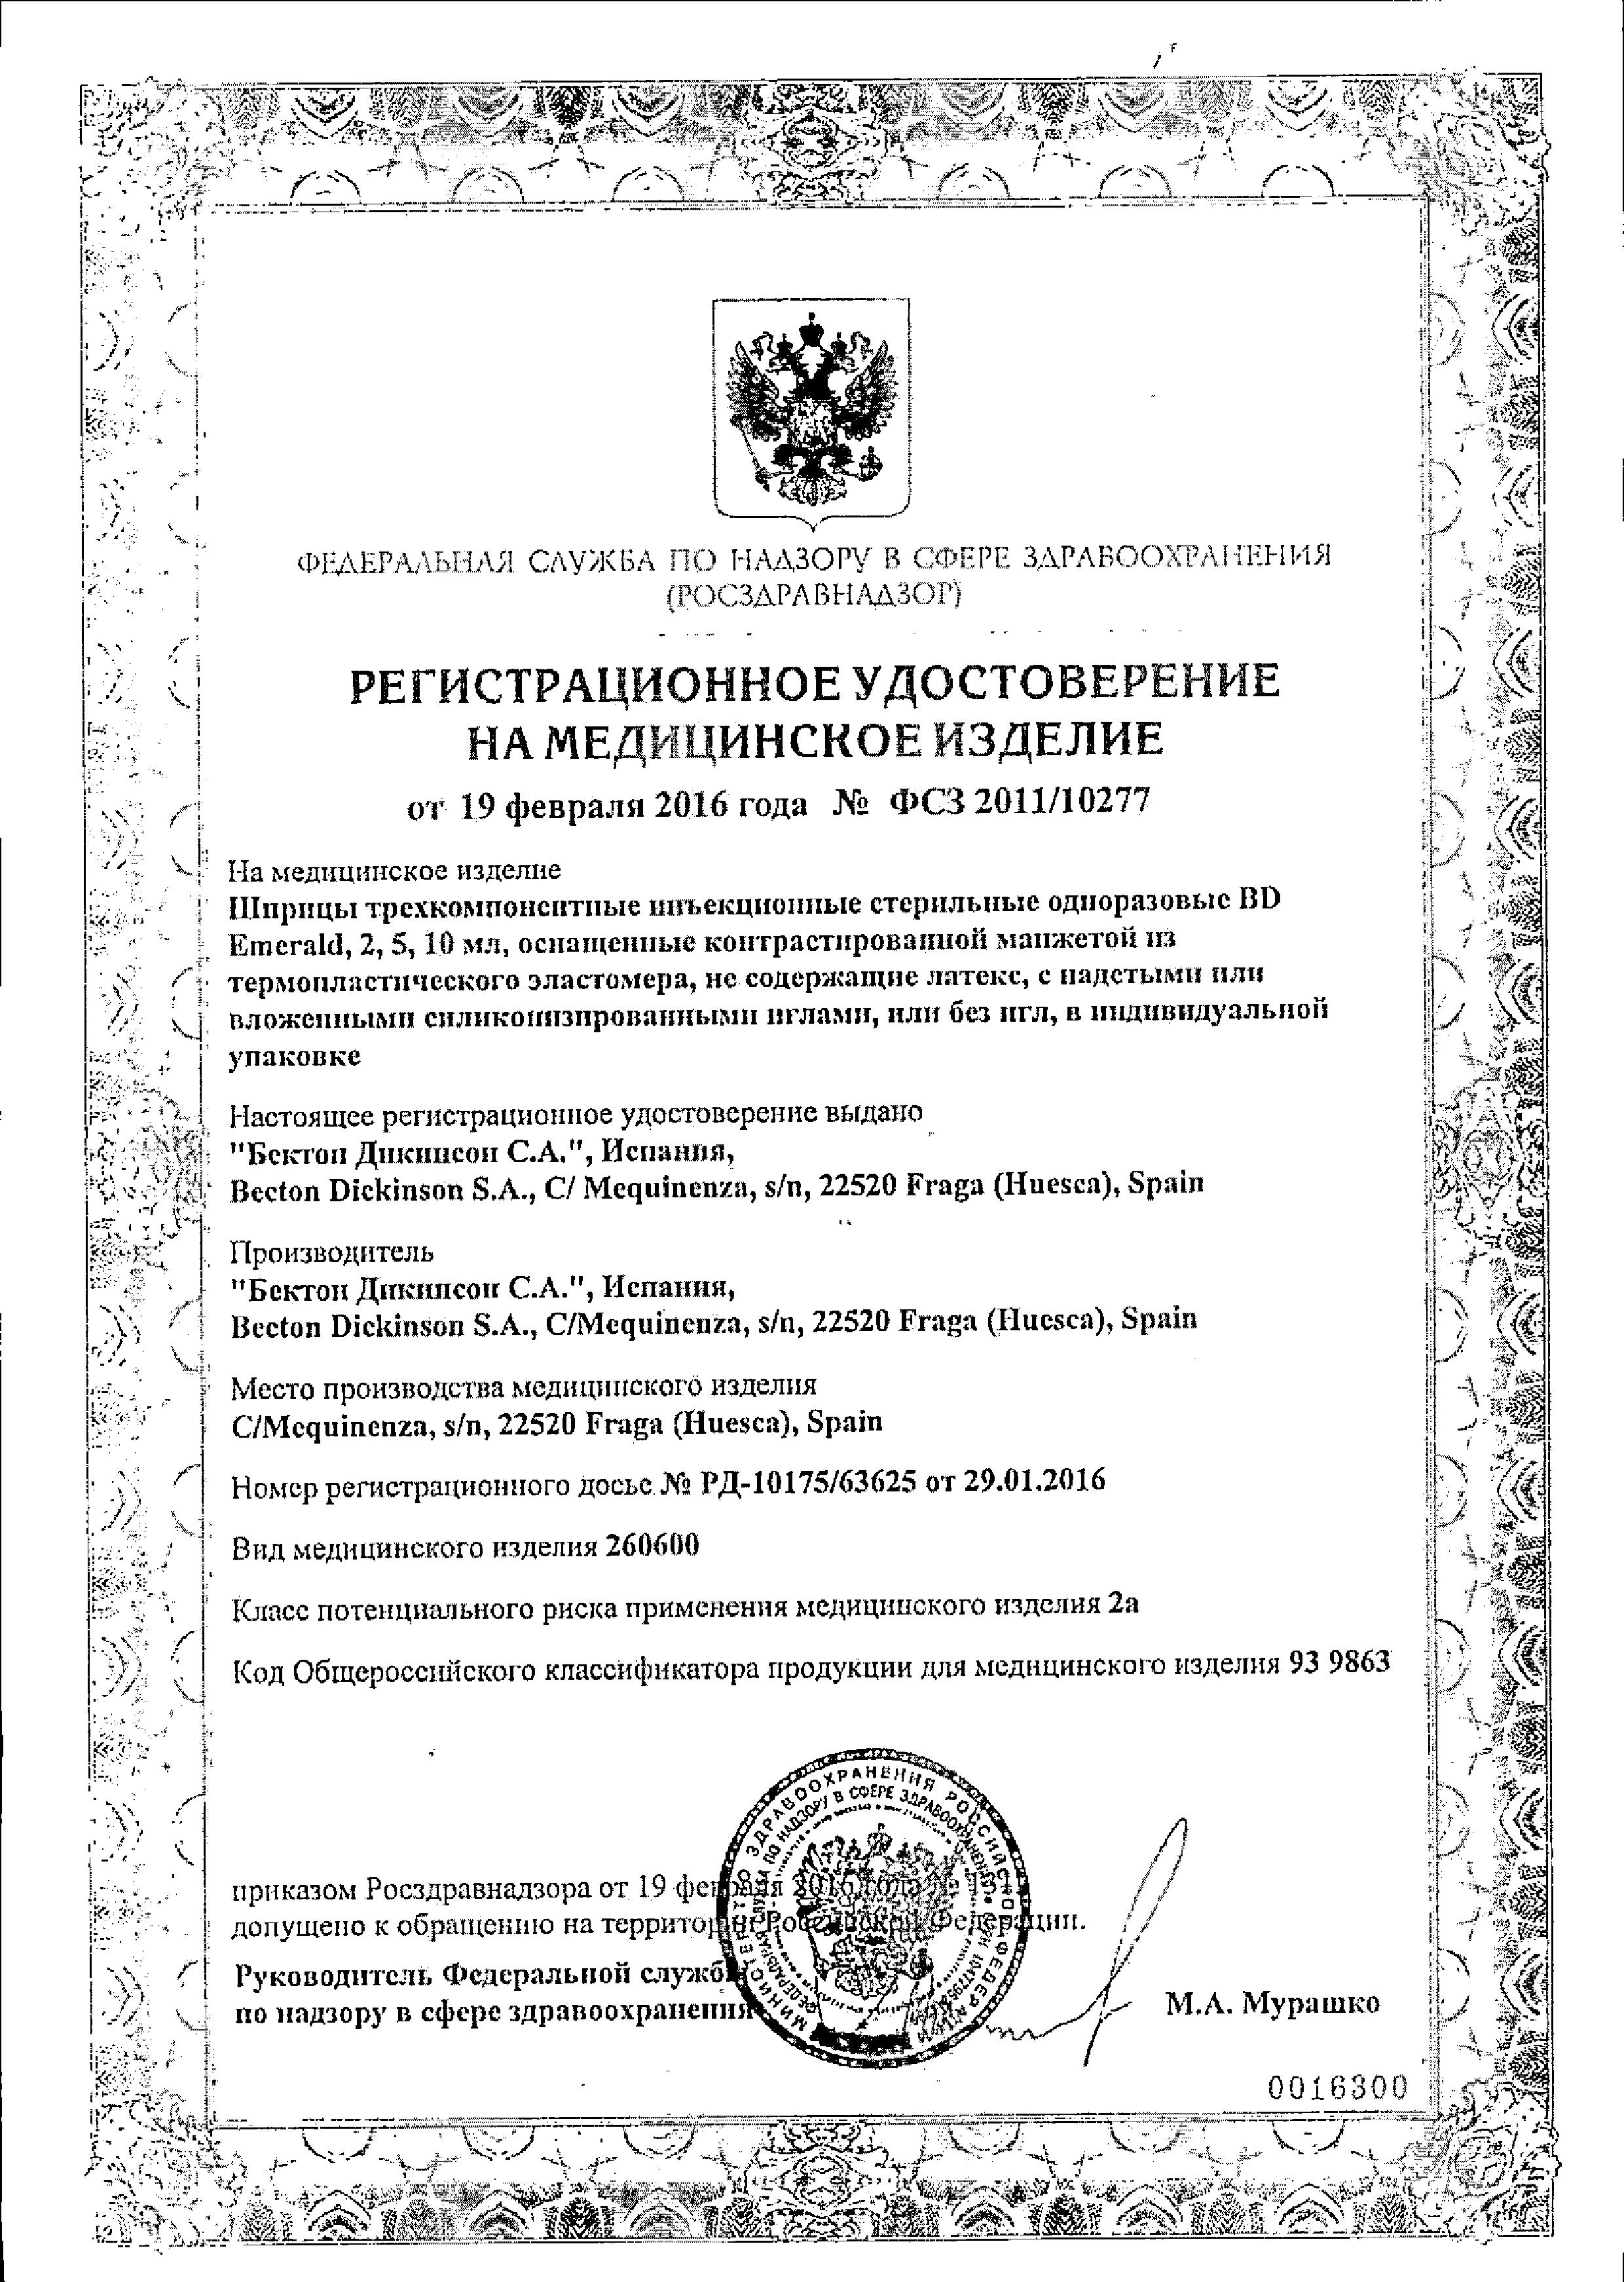 Шприц  BD Emerald трехкомпонентный сертификат